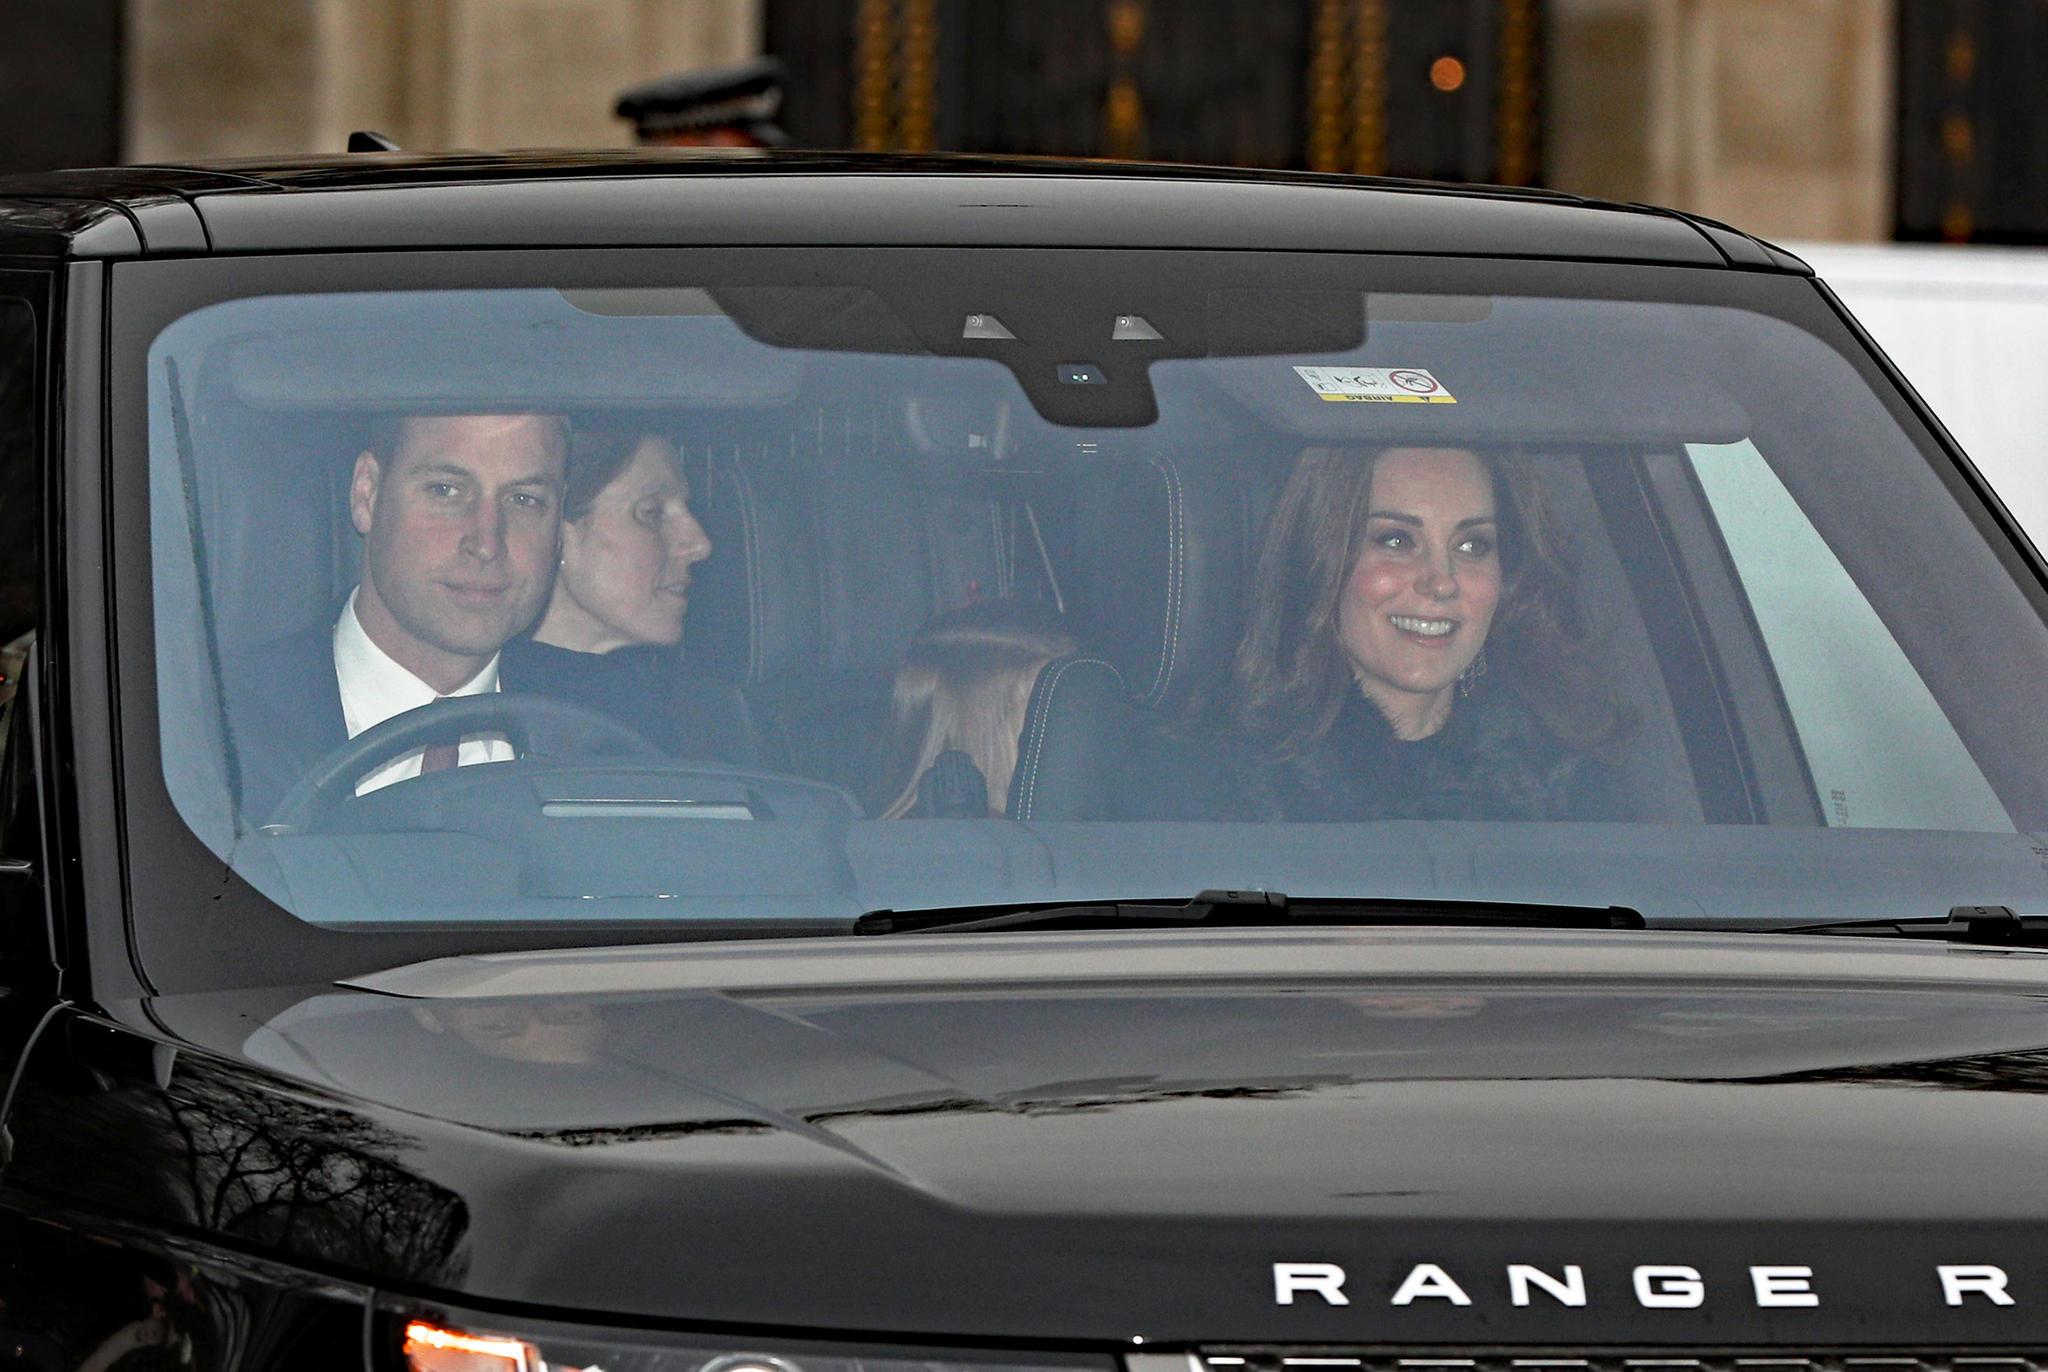 Auf dem Rücksitz schaut eine neugierige Prinzessin Charlotte aus dem Fenster.